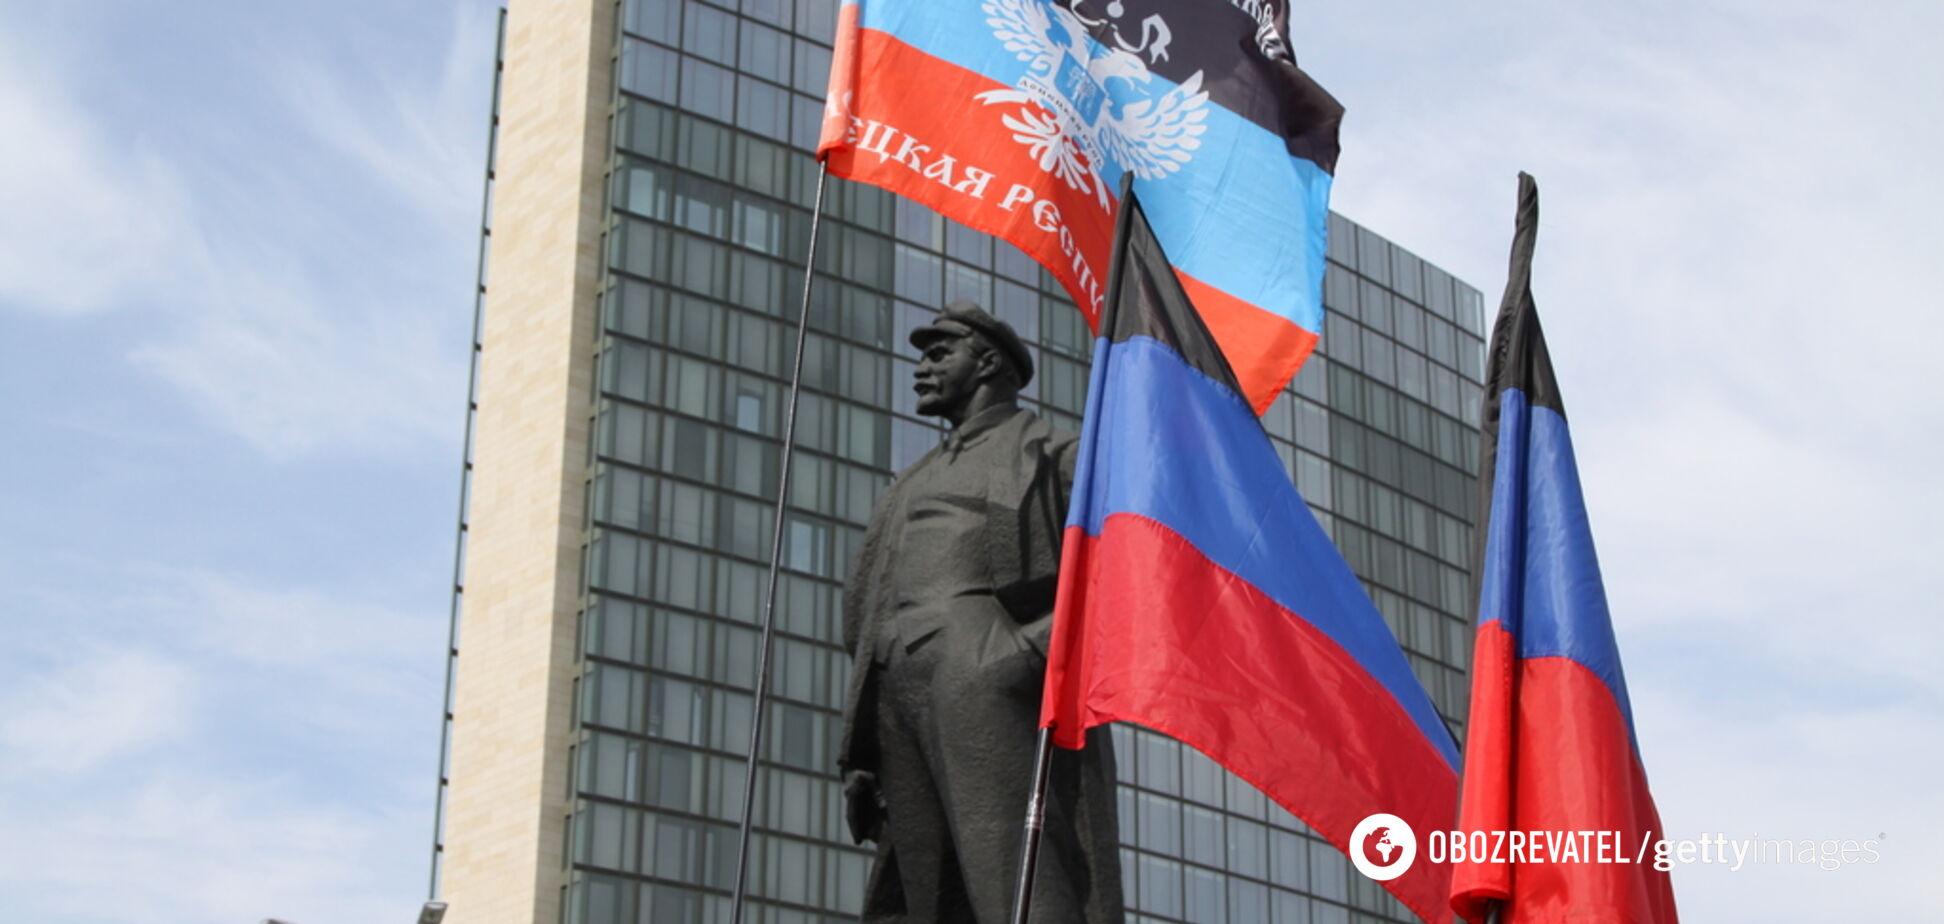 Росія забрала пенсію: мережа висміяла терориста 'ДНР' із Волгограда